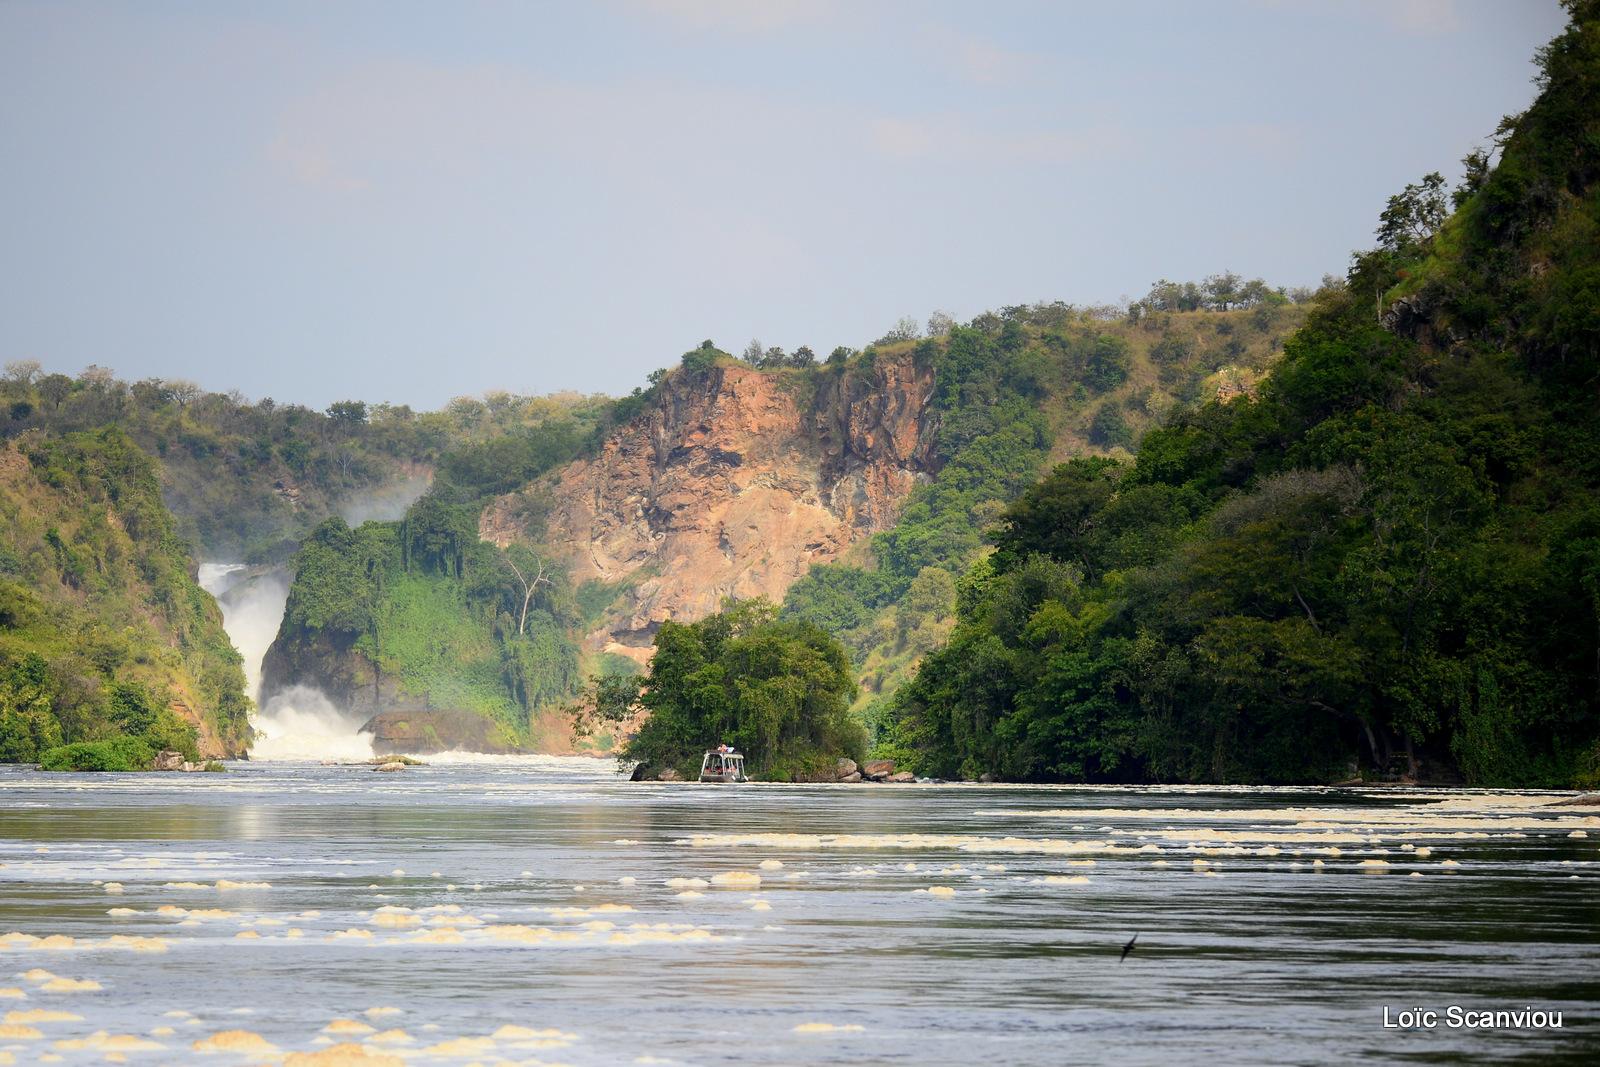 Les chutes de Murchison/Murchison Falls (7)